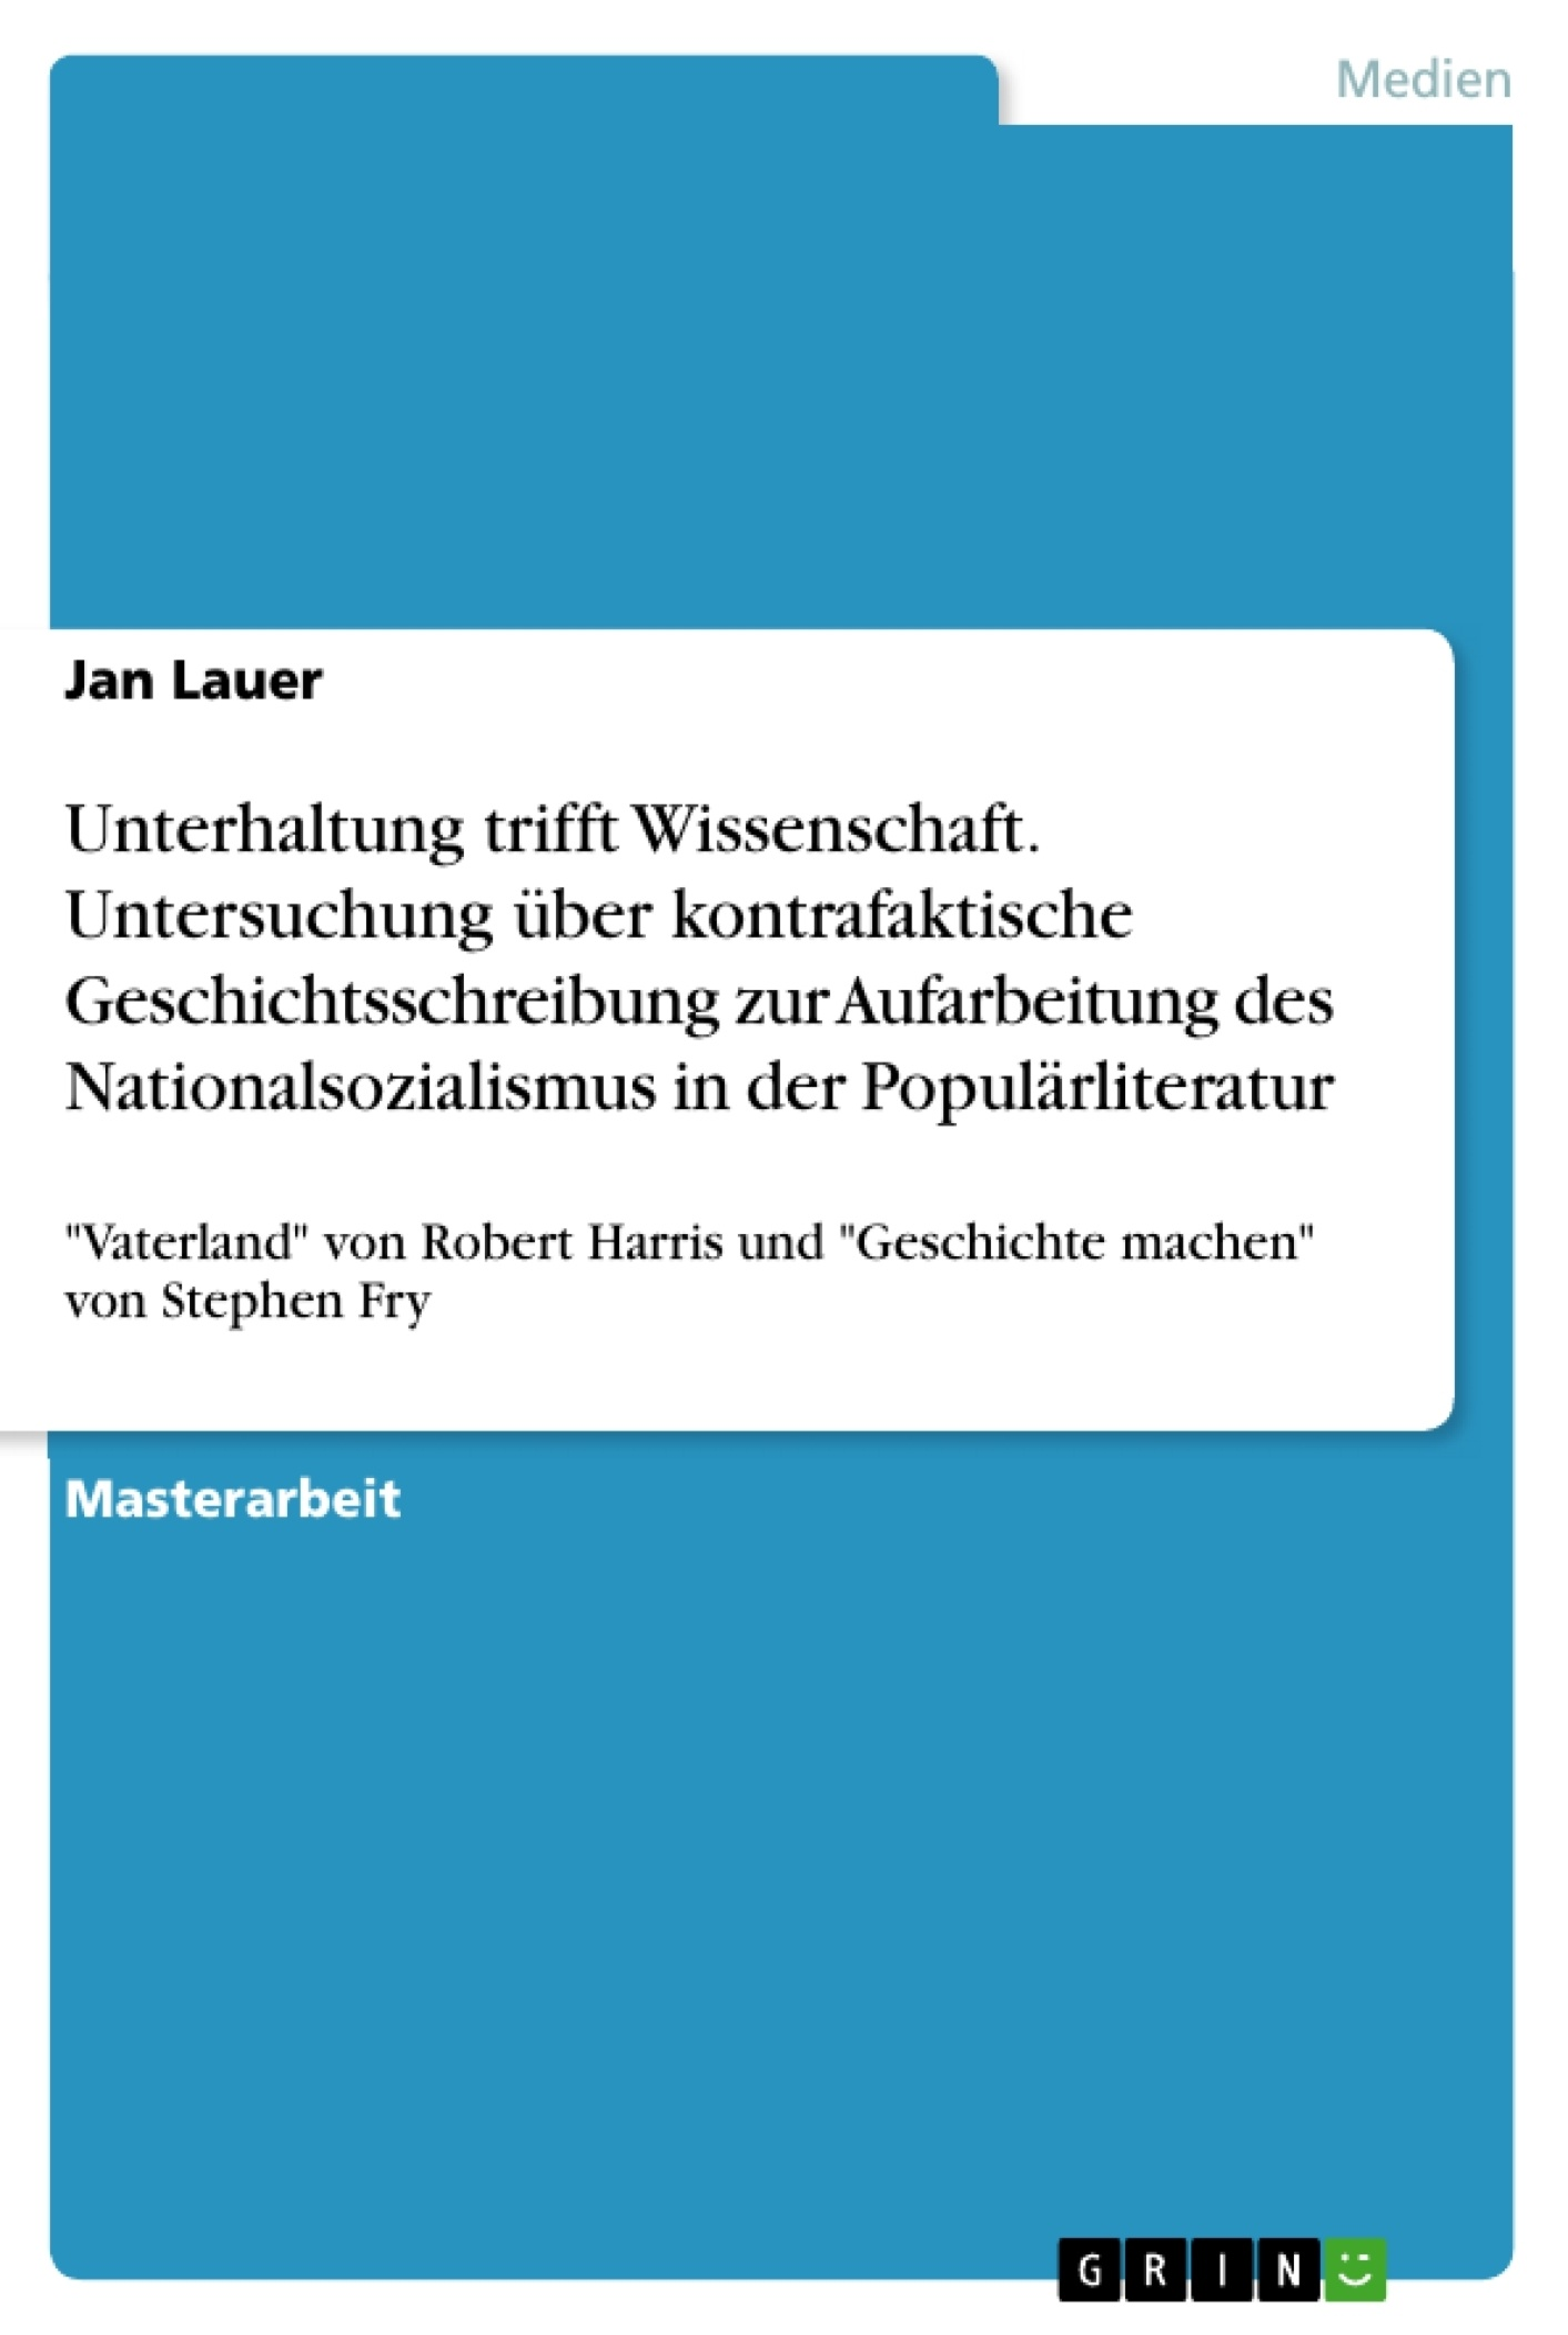 Titel: Unterhaltung trifft Wissenschaft. Untersuchung über kontrafaktische Geschichtsschreibung zur Aufarbeitung des Nationalsozialismus in der Populärliteratur